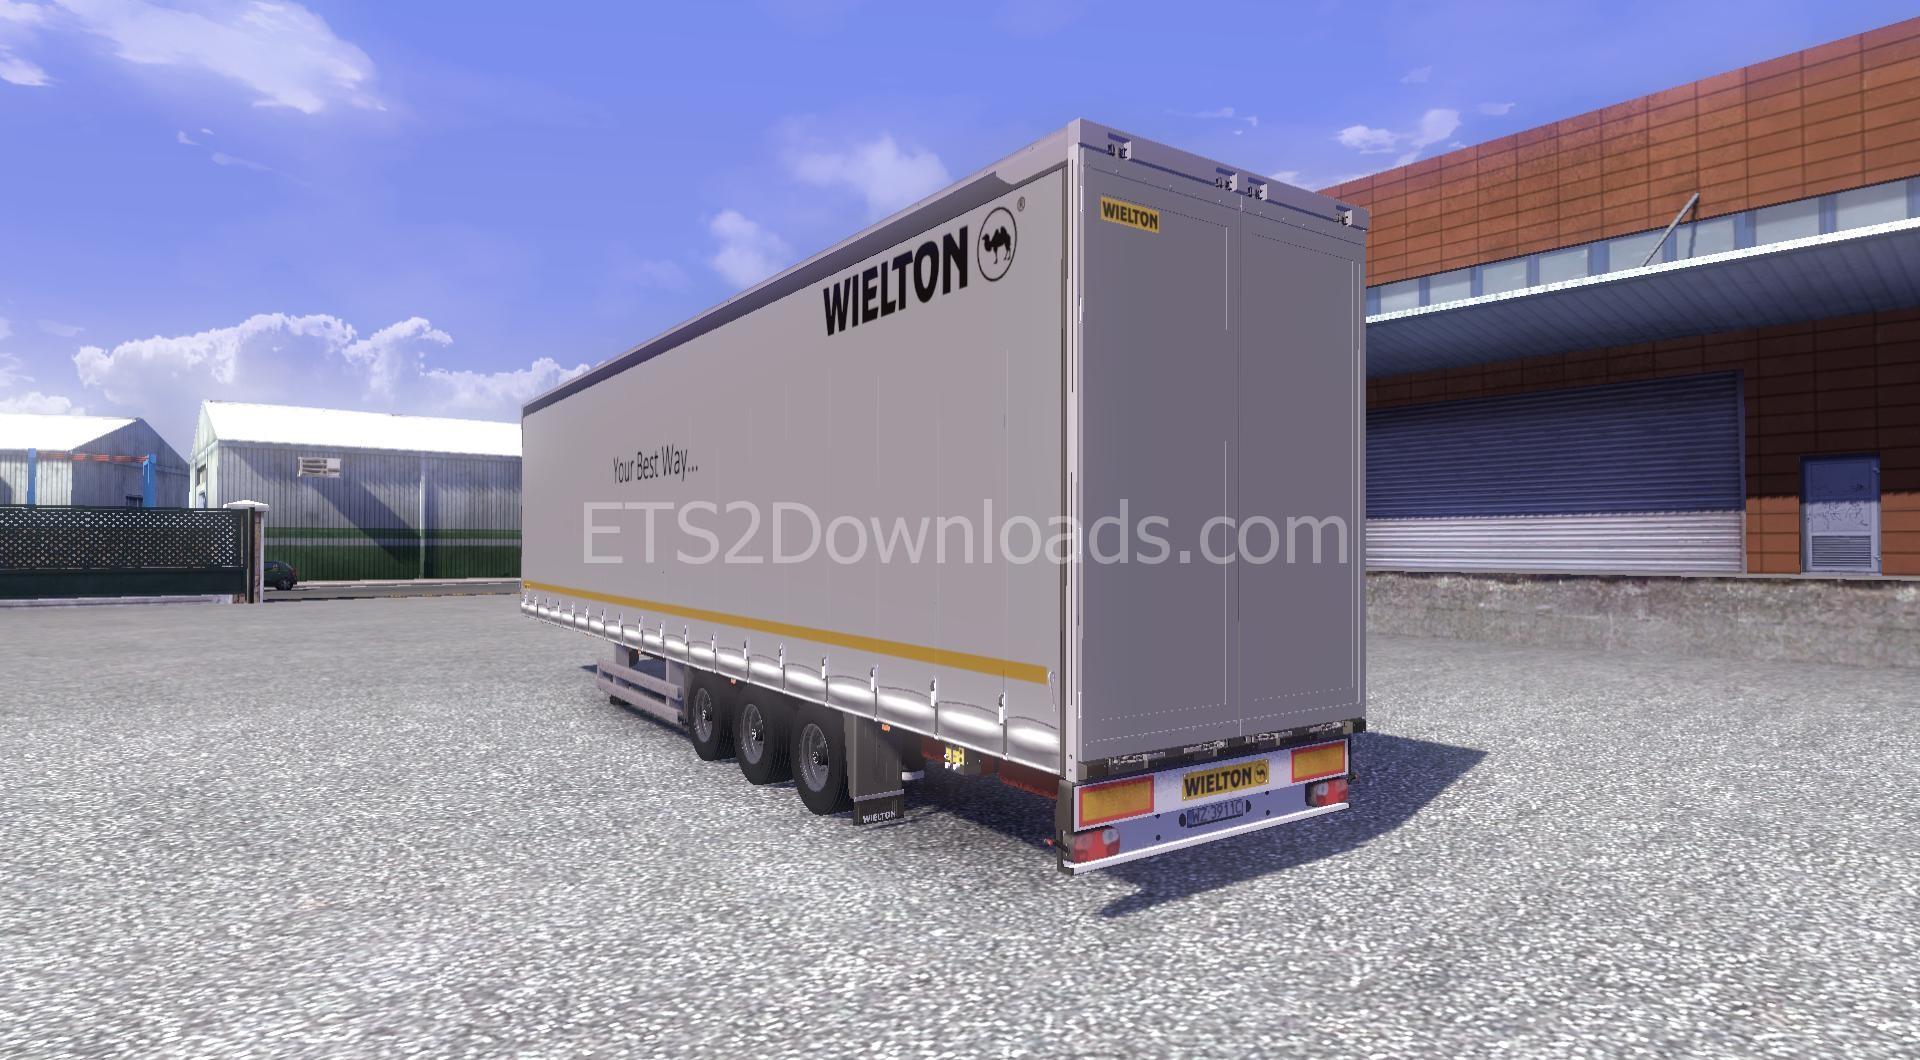 wielton-mega-trailer-ets2